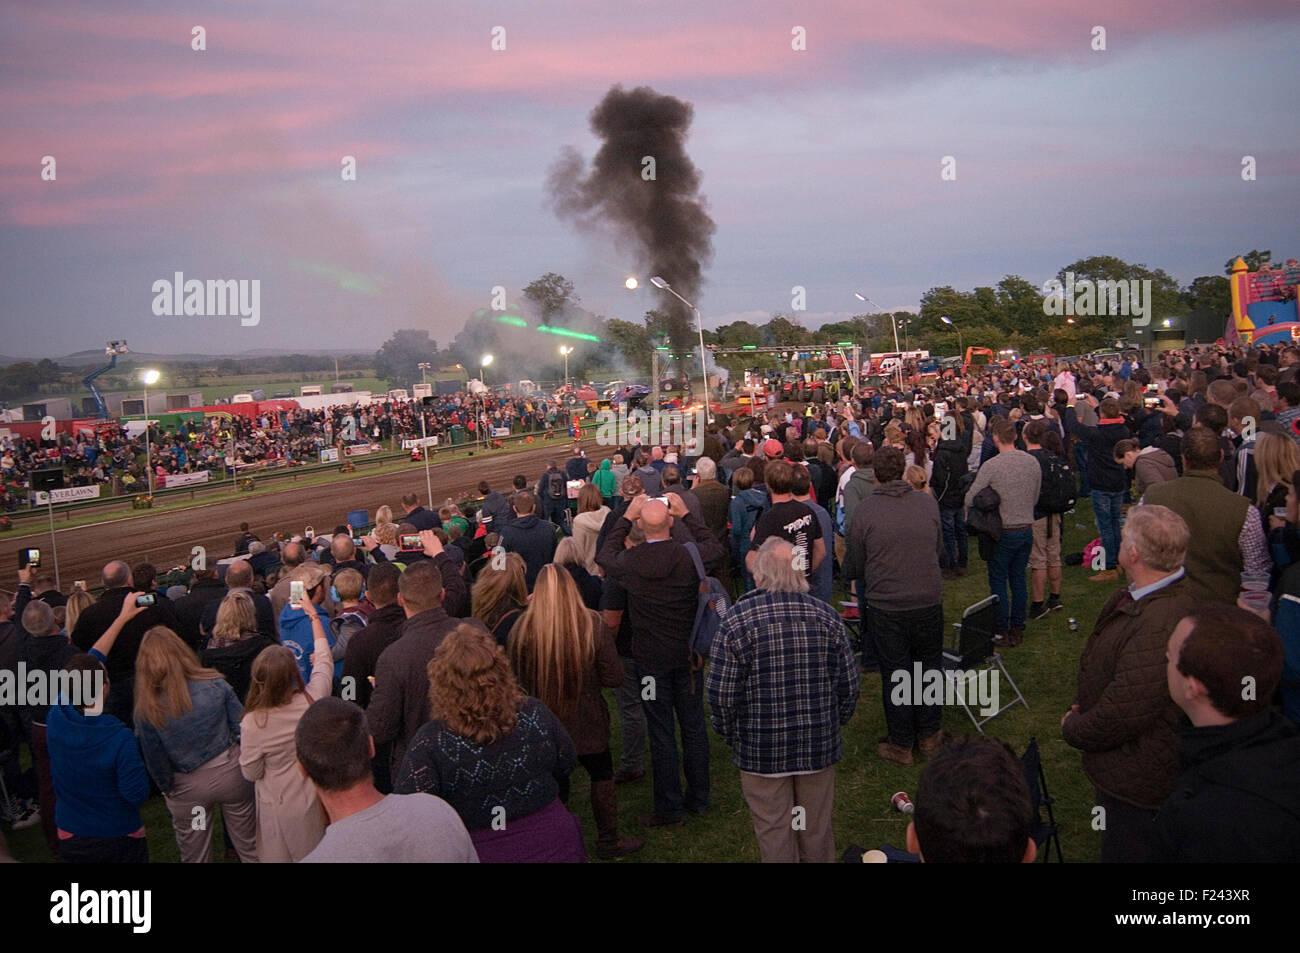 Menge am Traktor ziehen ziehen Event Motorsport Betriebshaftpflicht Autorennen Rennen Zuschauer Menschenmassen Stockbild